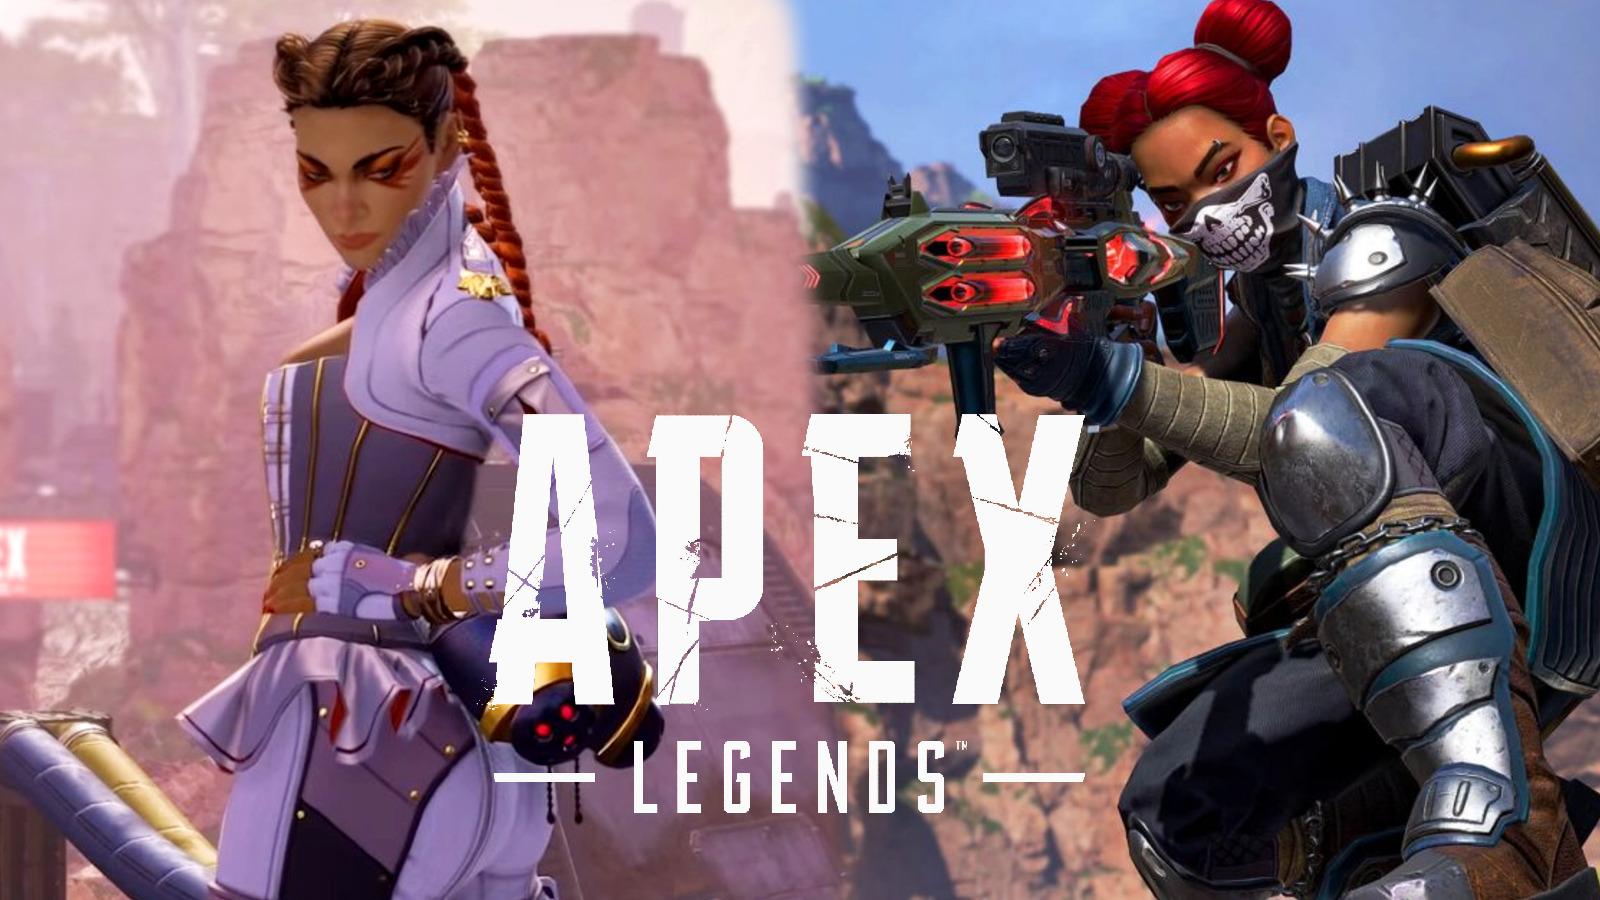 【Apex】シーズン9で予定されてるレジェンドの調整内容は?